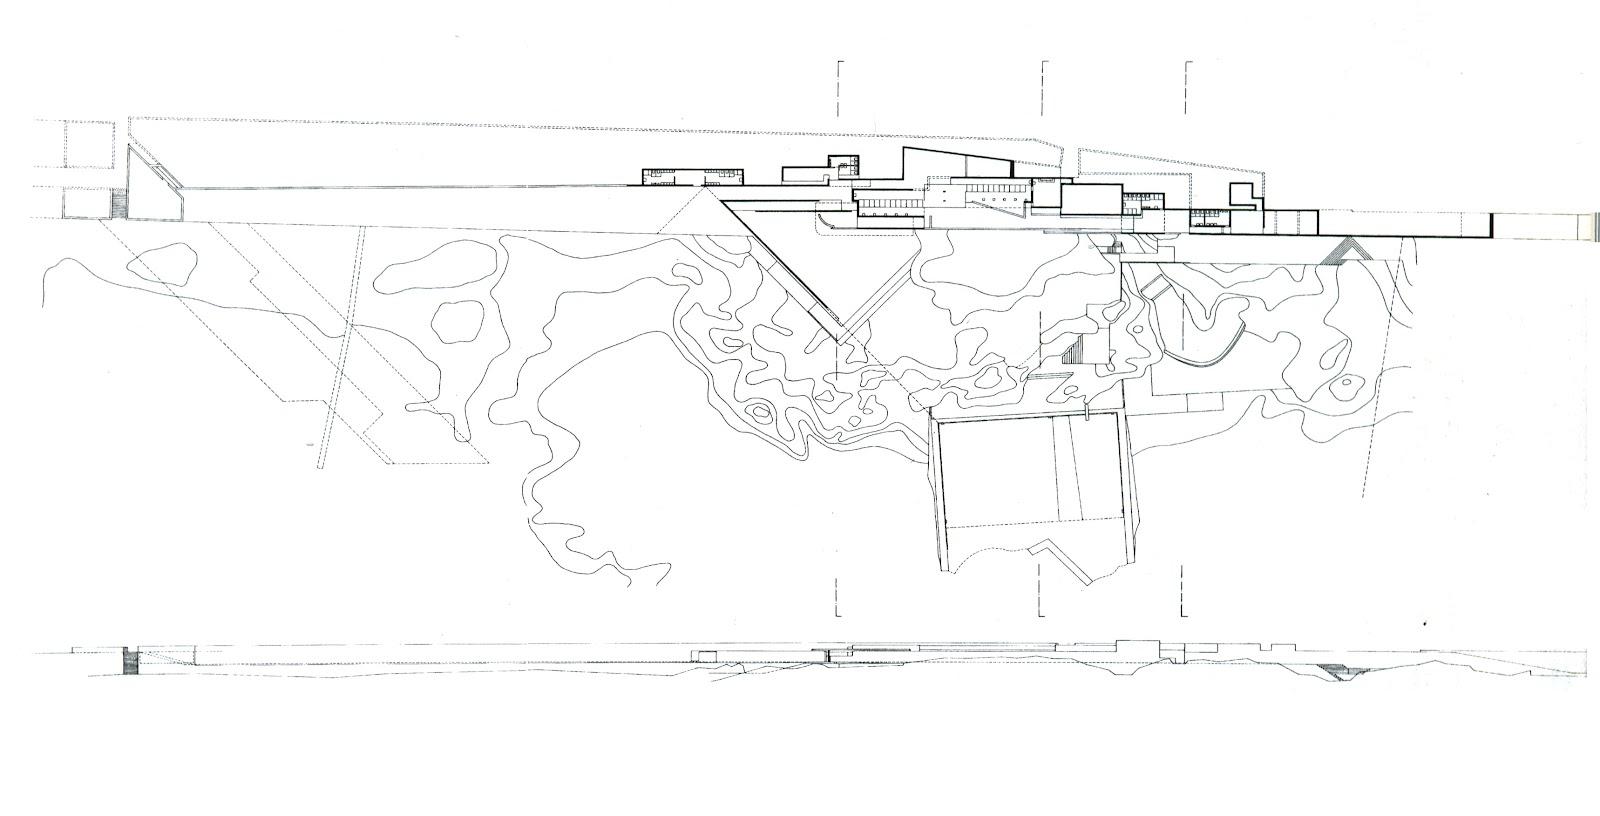 F s a rquitecturar le a da palmeira barcelona swimming for Swimming pool site plan